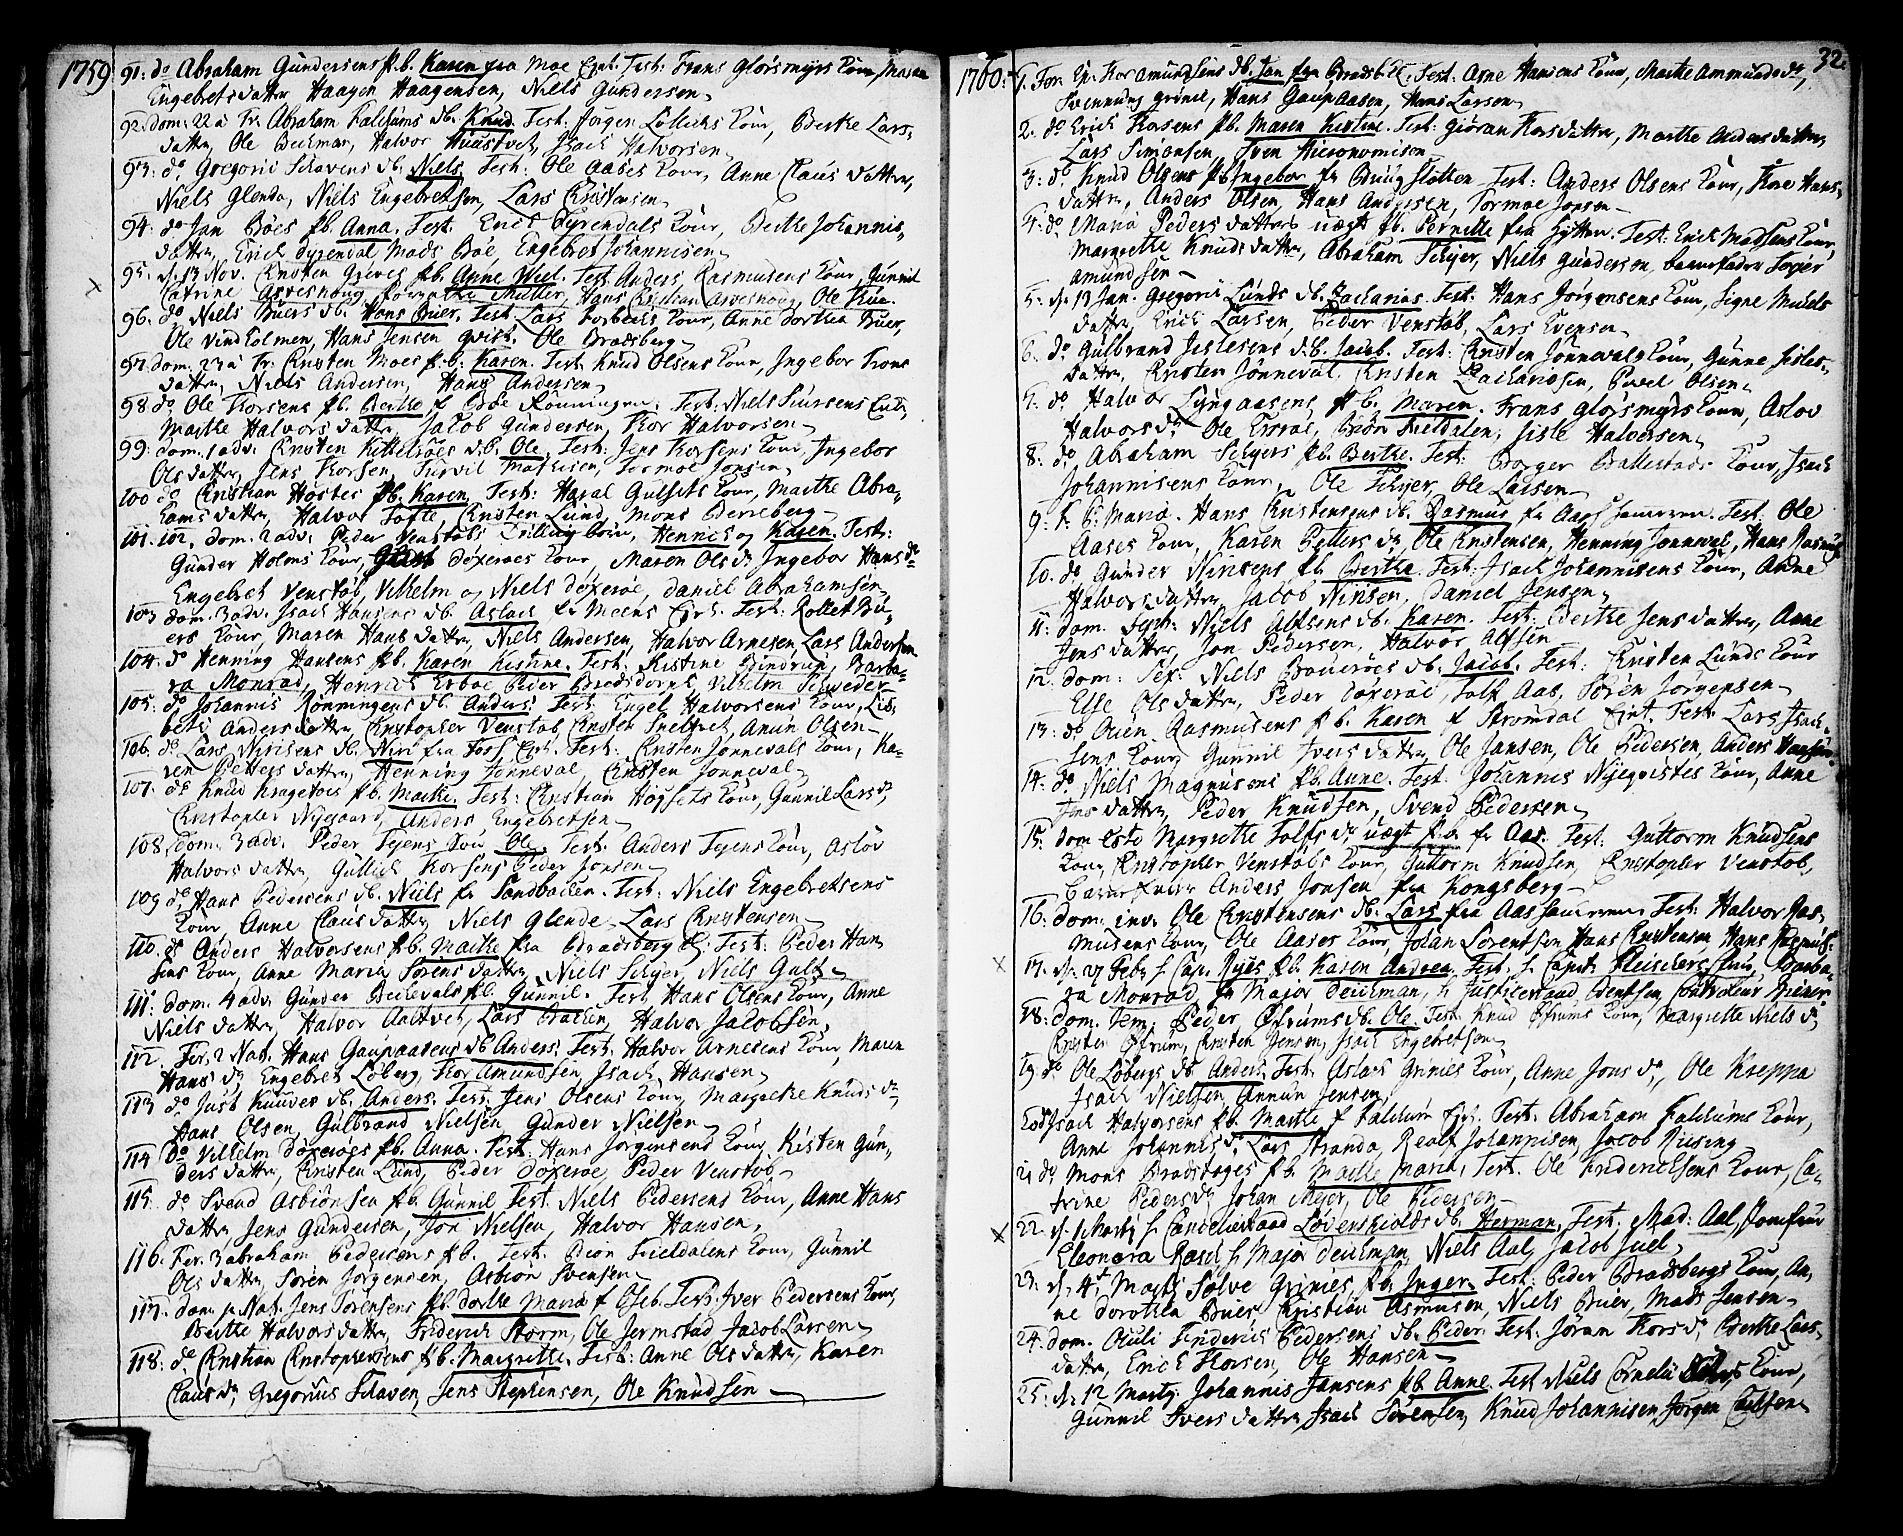 SAKO, Gjerpen kirkebøker, F/Fa/L0002: Ministerialbok nr. 2, 1747-1795, s. 32